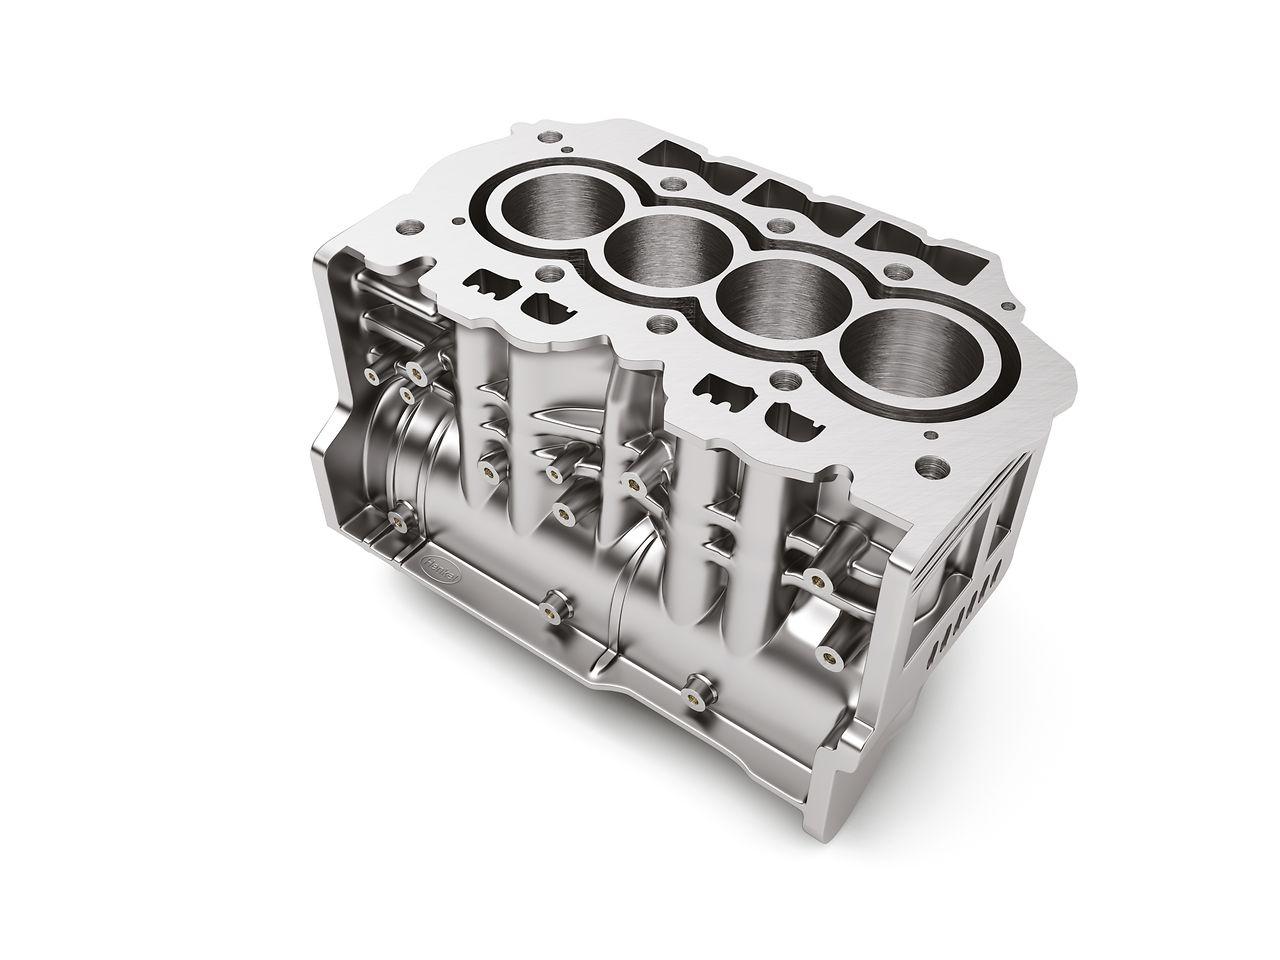 Mithilfe des Schmiermittelkonzentrats Bonderite L-CA CP 791 lassen sich aus Aluminium gegossene Leichtbauteile reibungslos aus der Gussform entfernen